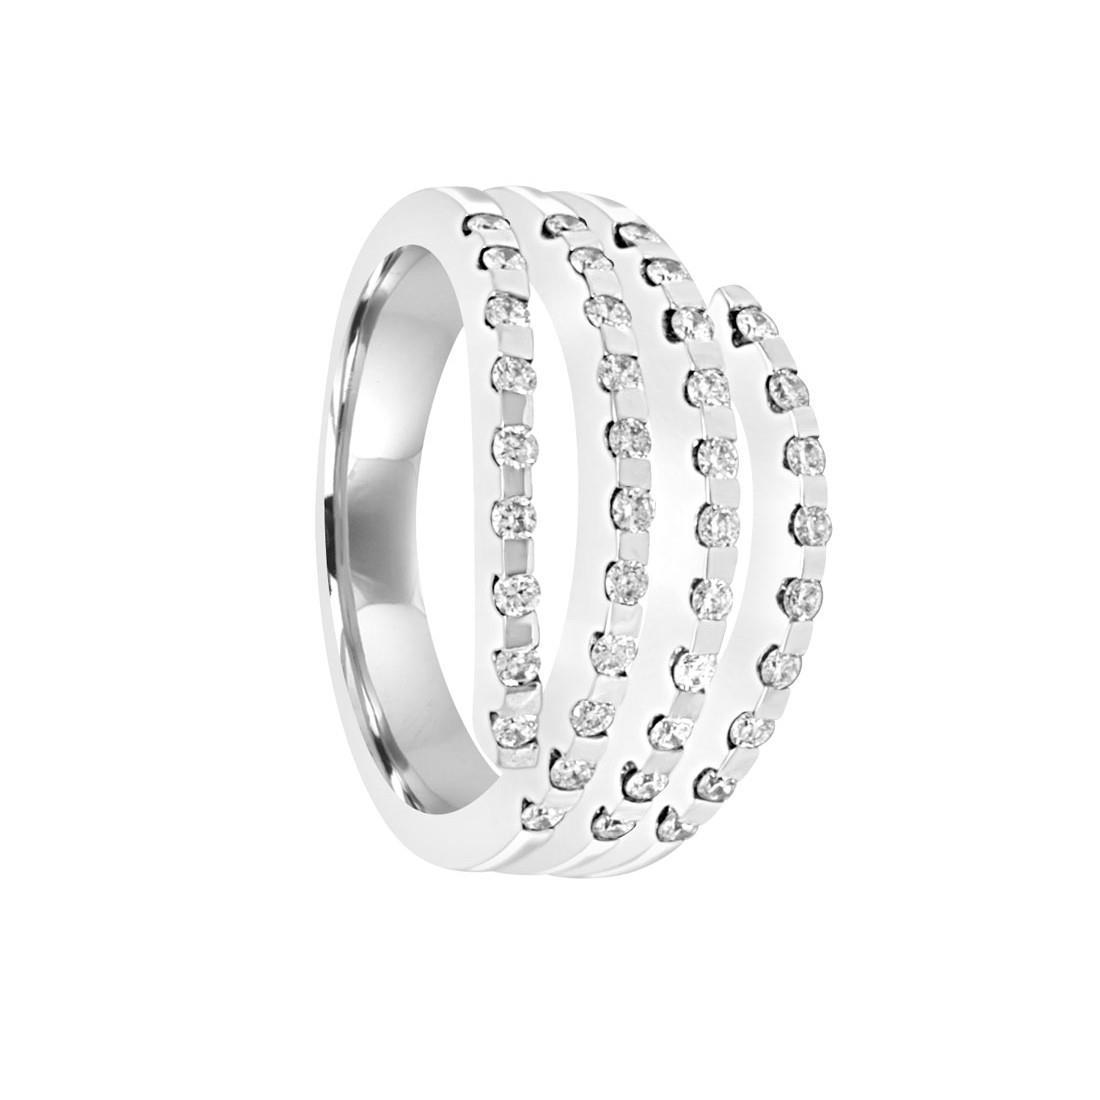 Anello in oro bianco diamanti ct 0.50, misura 16 - ORO&CO